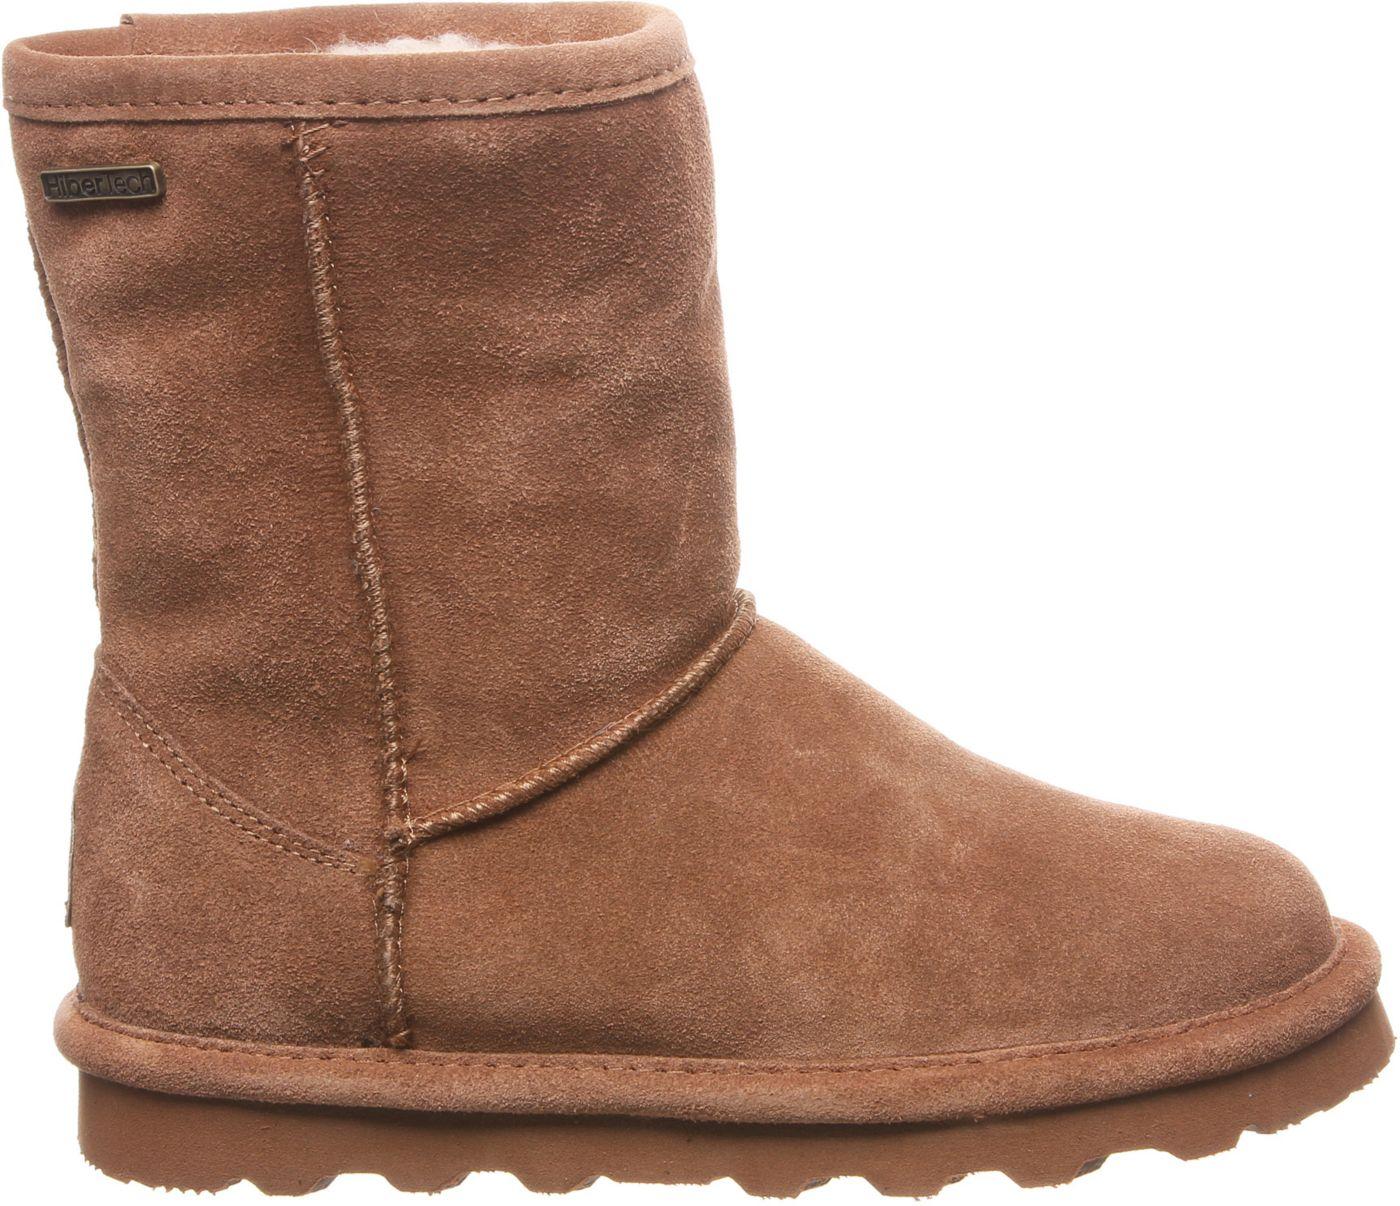 BEARPAW Kids' Helen 200g Winter Boots